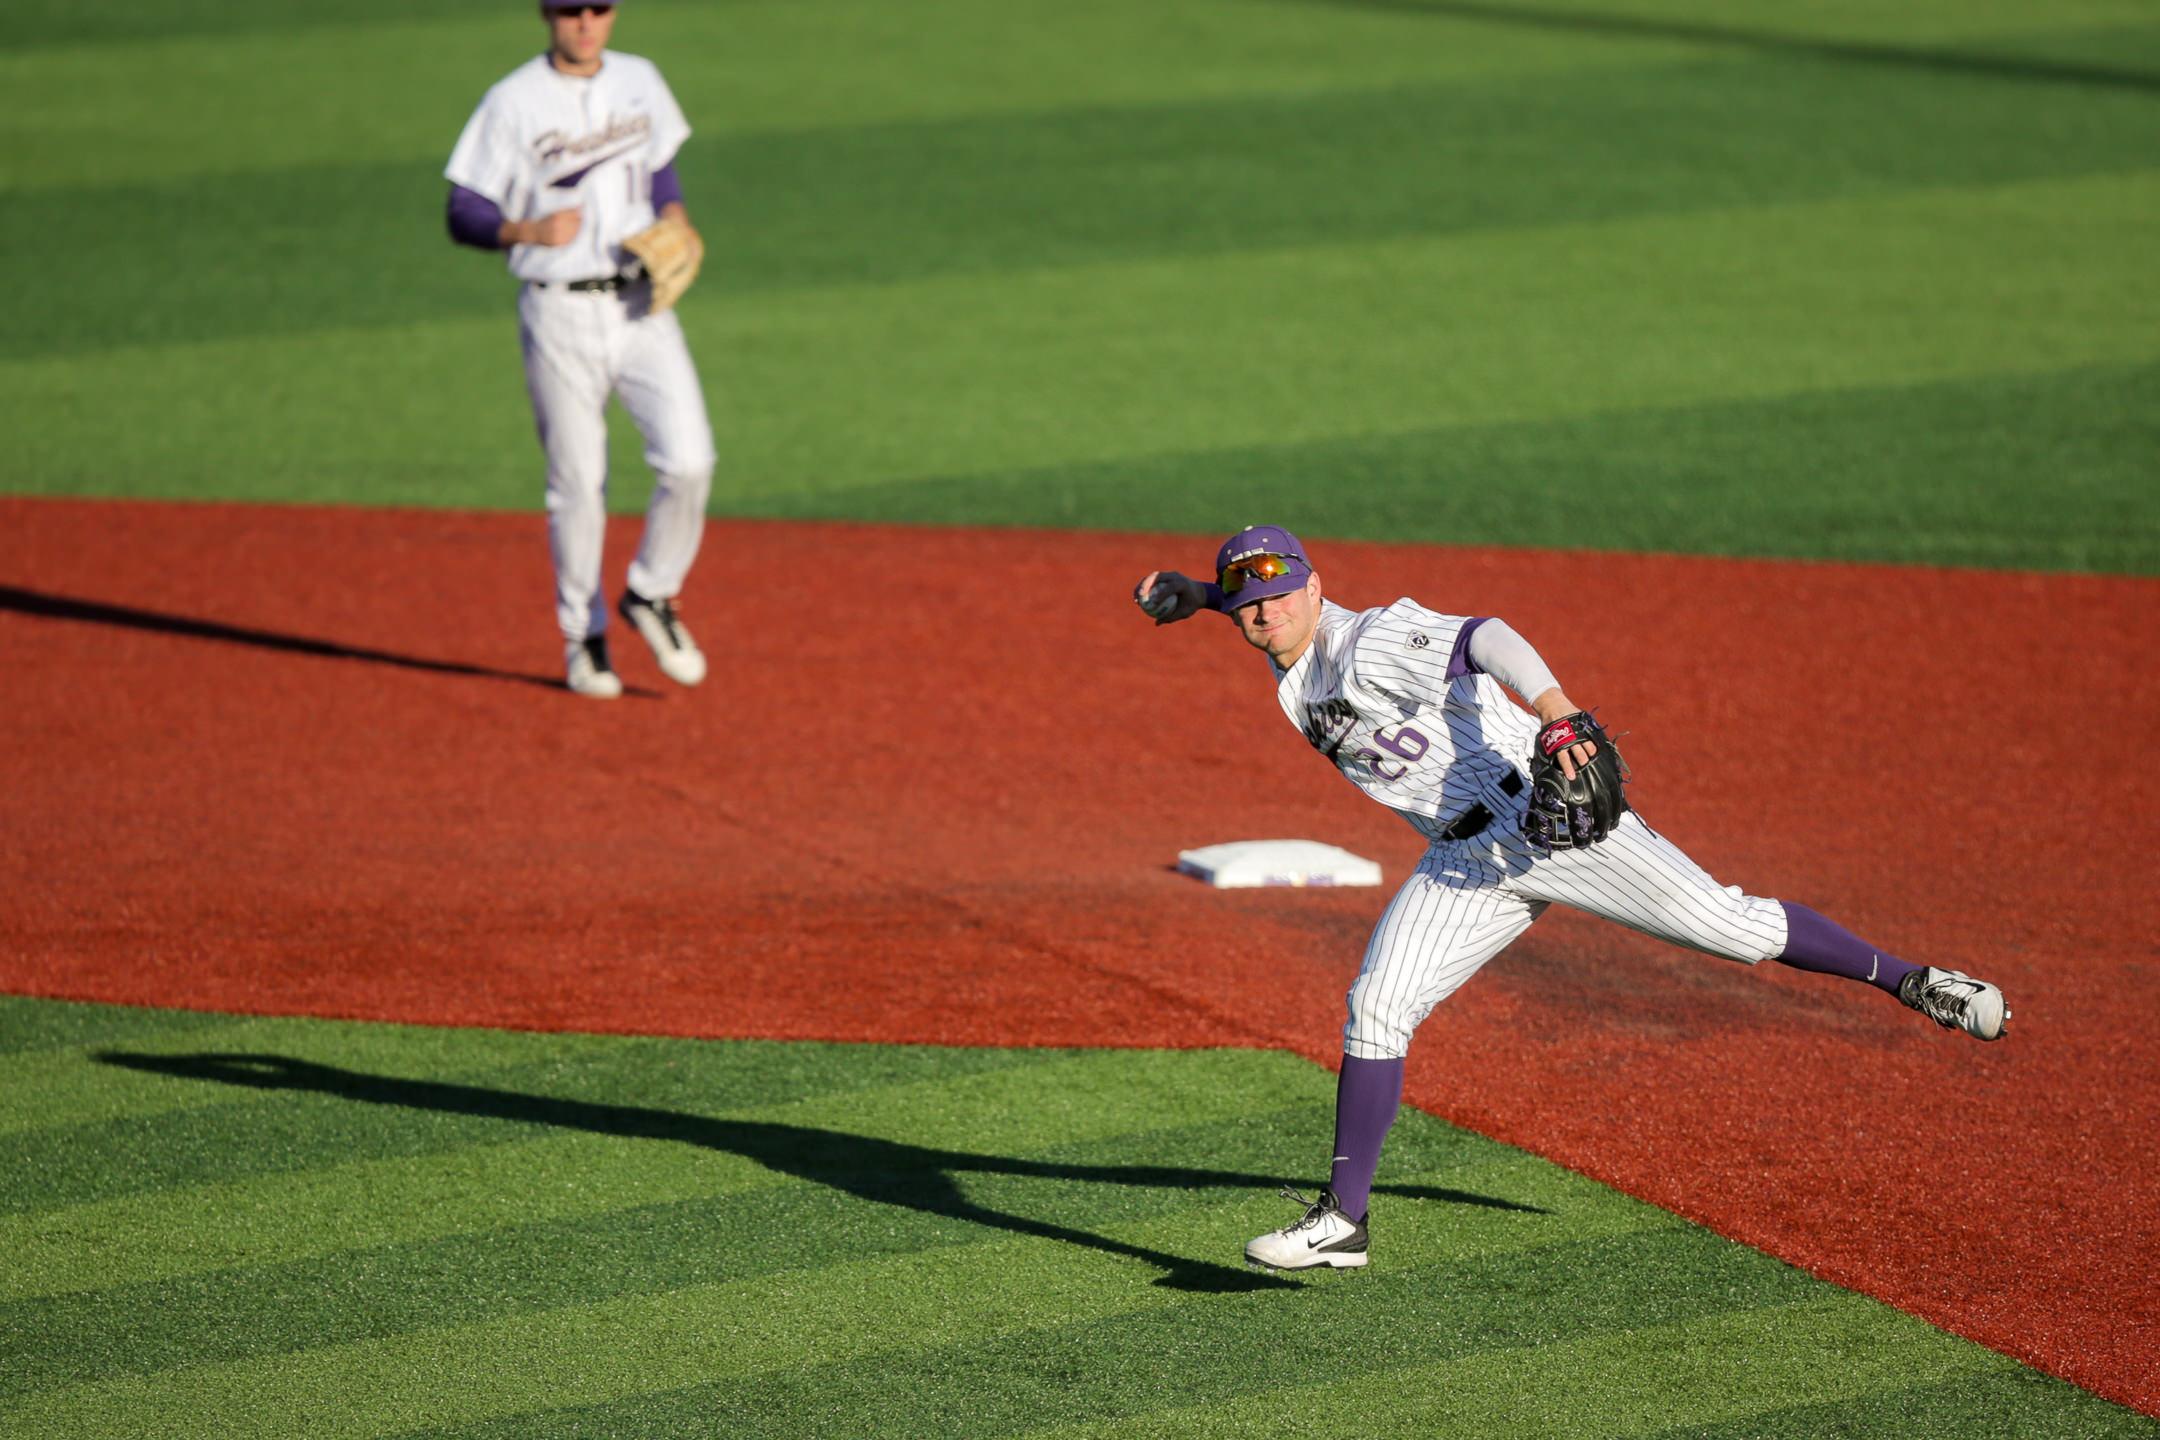 University of Washington Huskies Baseball Infielder Levi Jordan Throwing